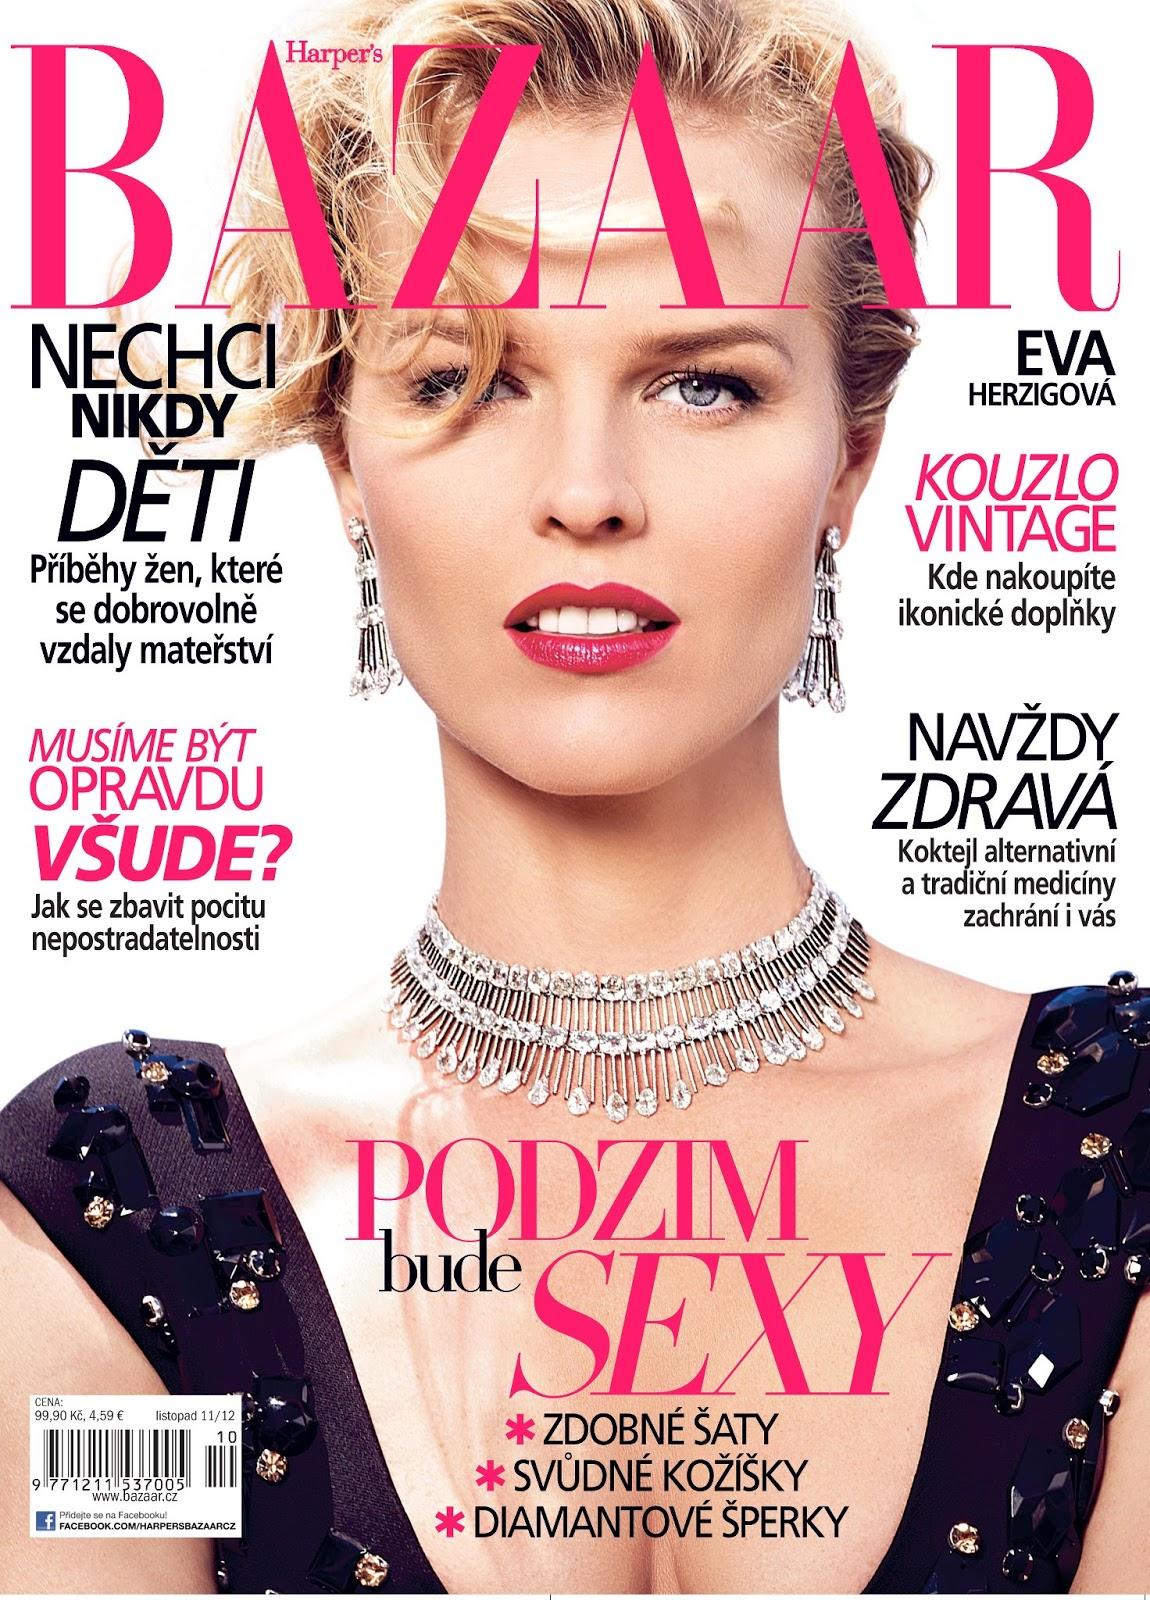 http://1.bp.blogspot.com/-zdLTPhaTcPc/UJAfgxkteXI/AAAAAAAAdng/_bnQXsKbRaI/s1600/Eva+Herzigova+by+Alexey+Kolpakov+%2528Harper%2527s+Bazaar+Czech+November+2012%2529.jpg